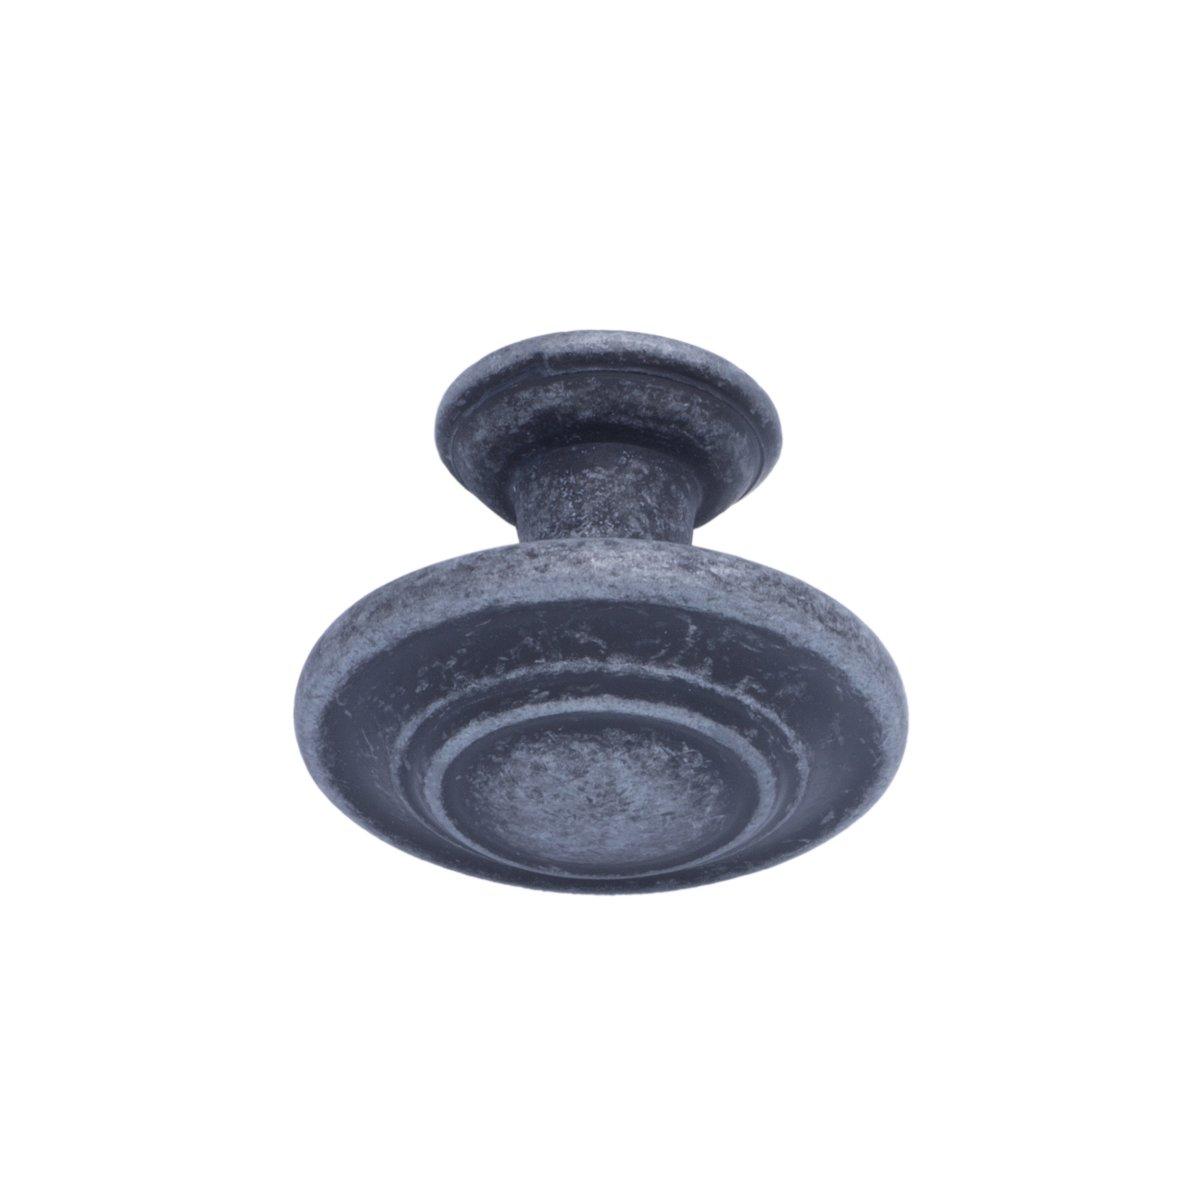 con dise/ño de aro superior 3,17 cm de di/ámetro Pomo de armario tradicional Basics Bronce antiguo Paquete de 50